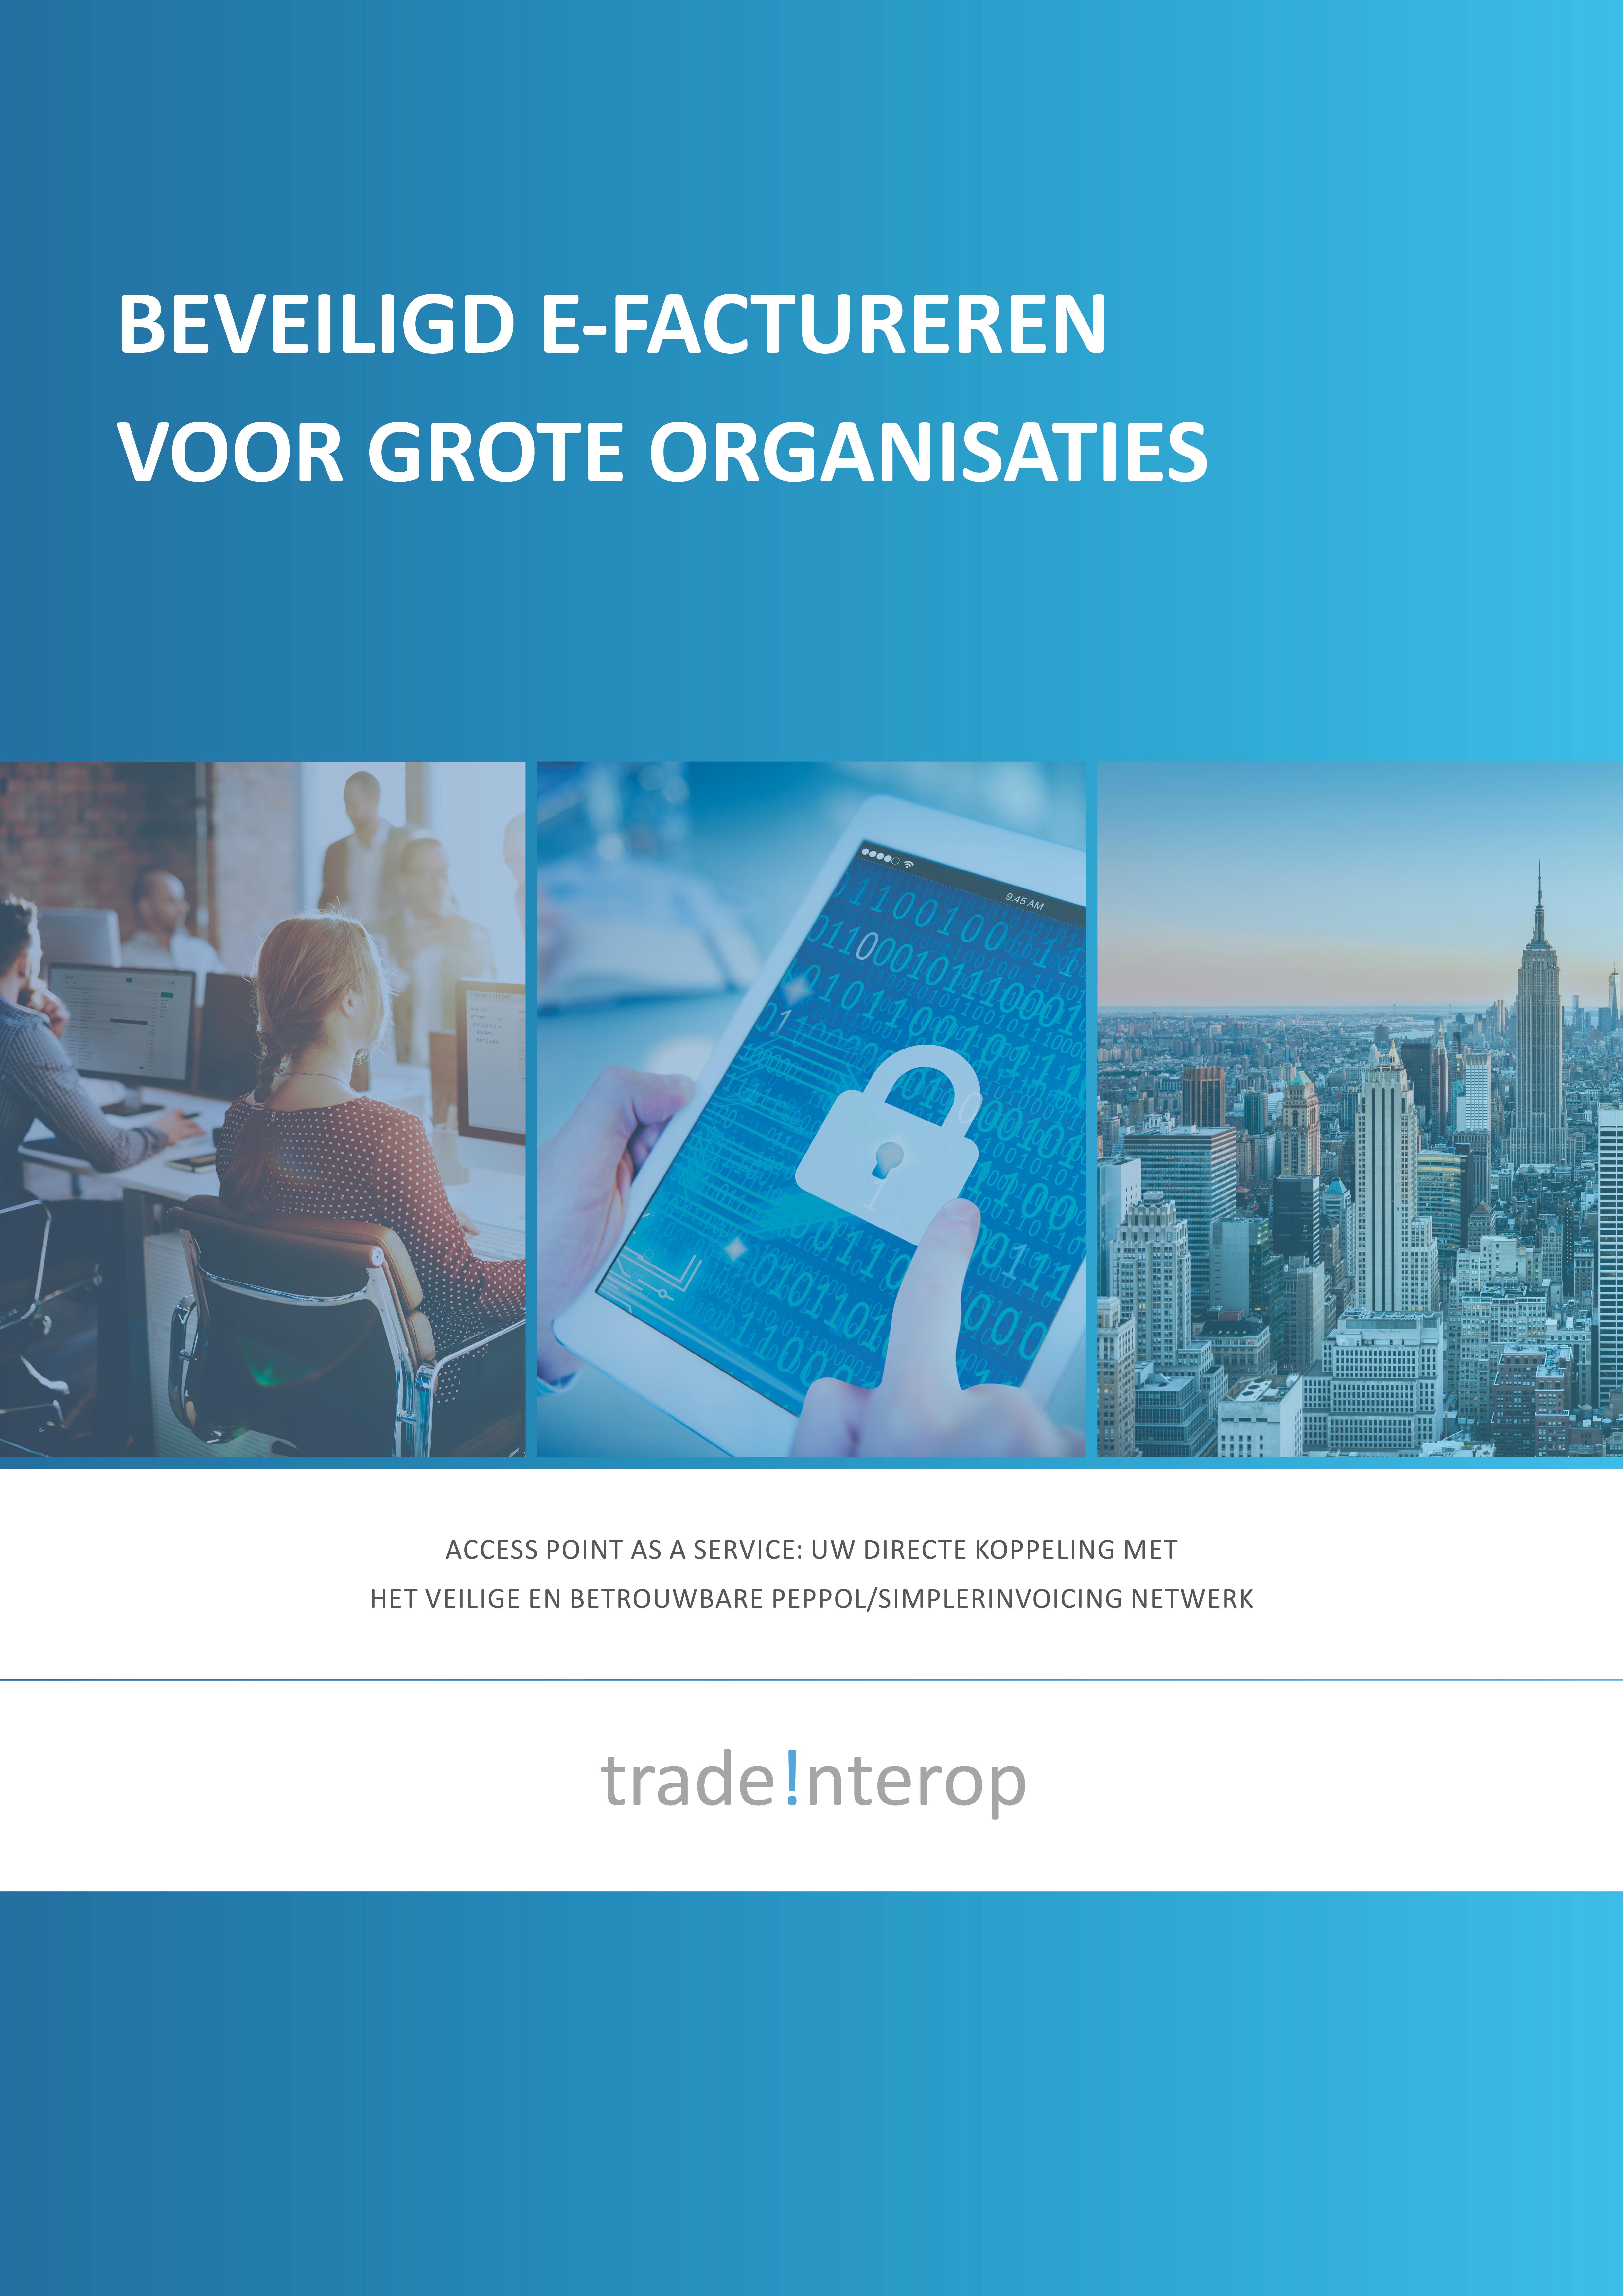 Whitepaper: Beveiligd e-factureren voor grote organisaties